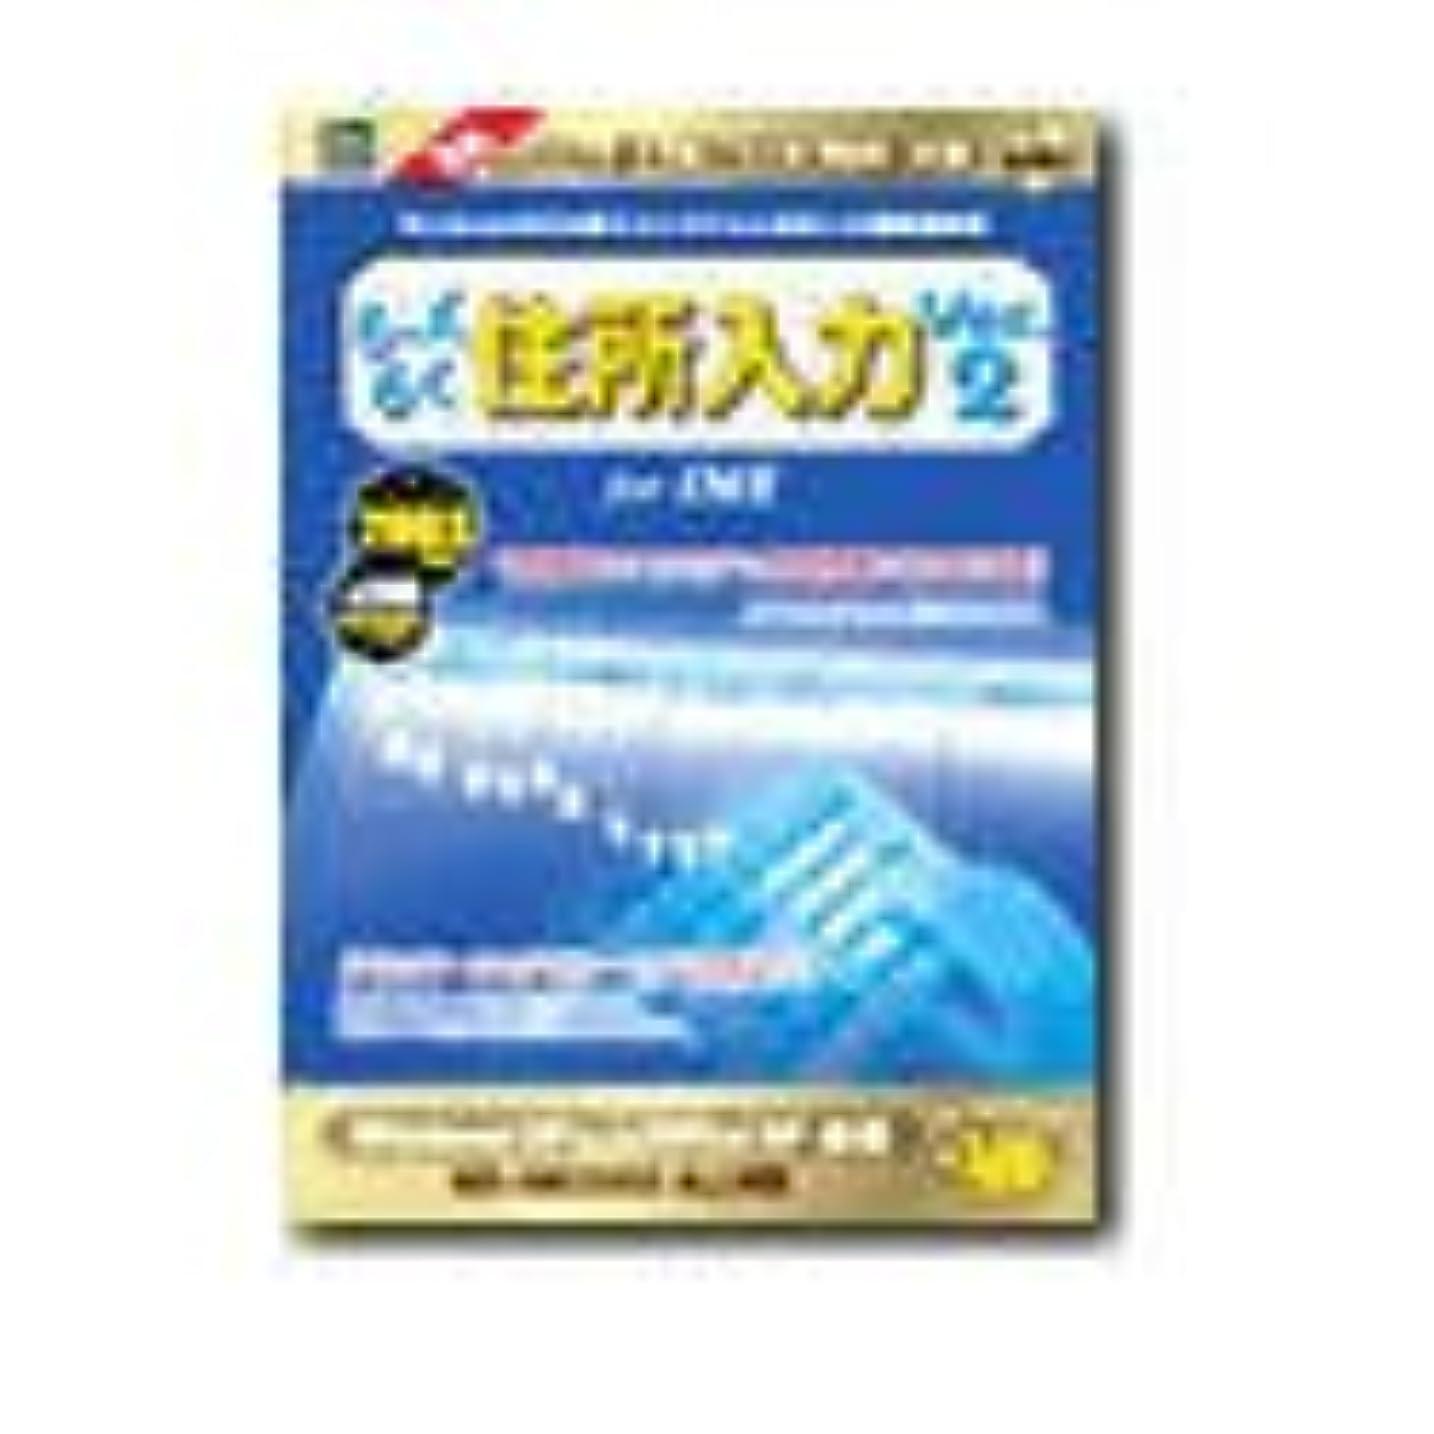 バンジョーバッフル弾丸ら~くらく住所入力 Ver.2 for IME 2003年度版